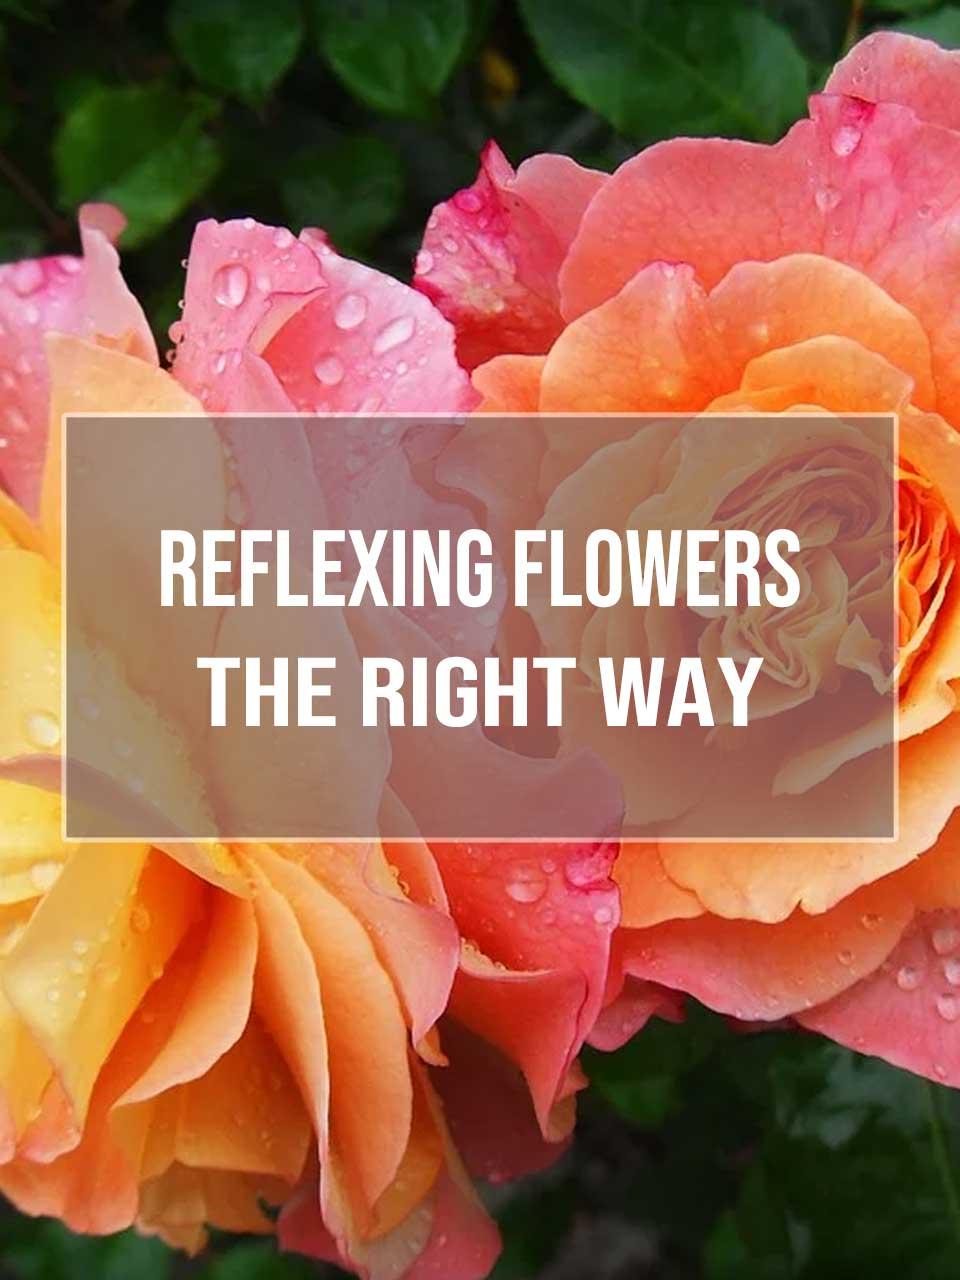 Reflexing Flowers